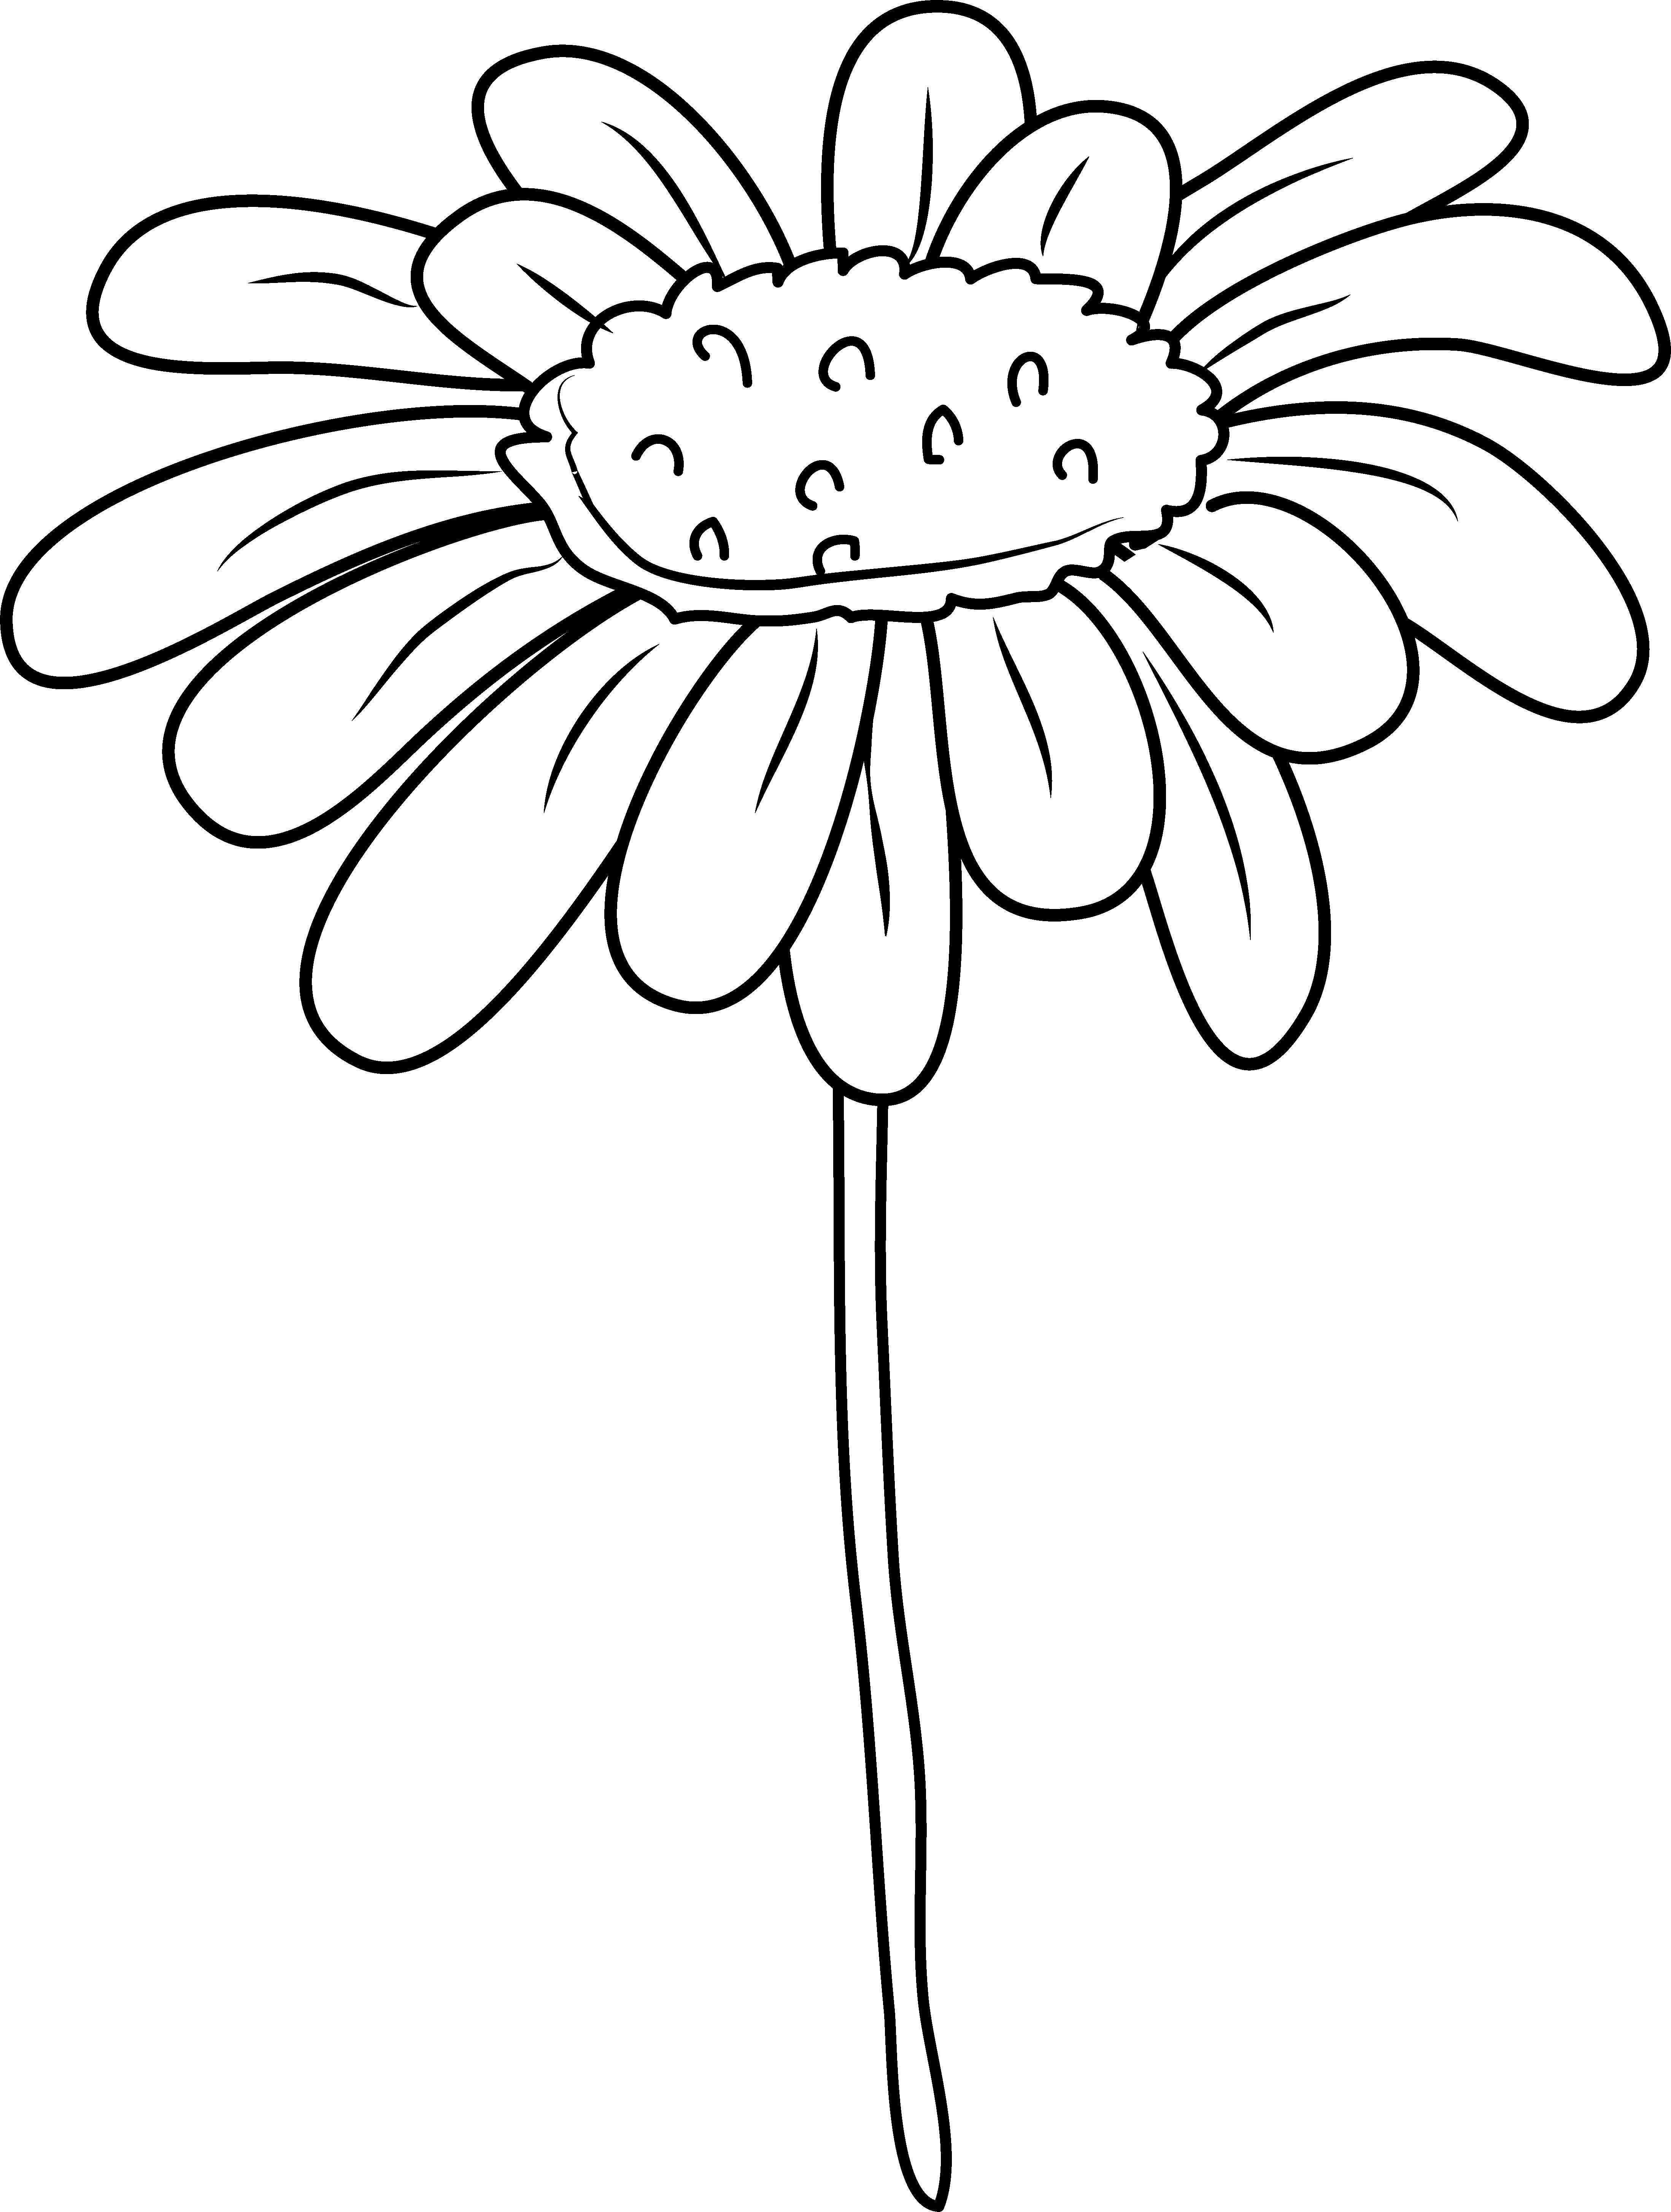 Free clipart daisy flower clip stock Daisy Flower Coloring Page - Free Clip Art clip stock